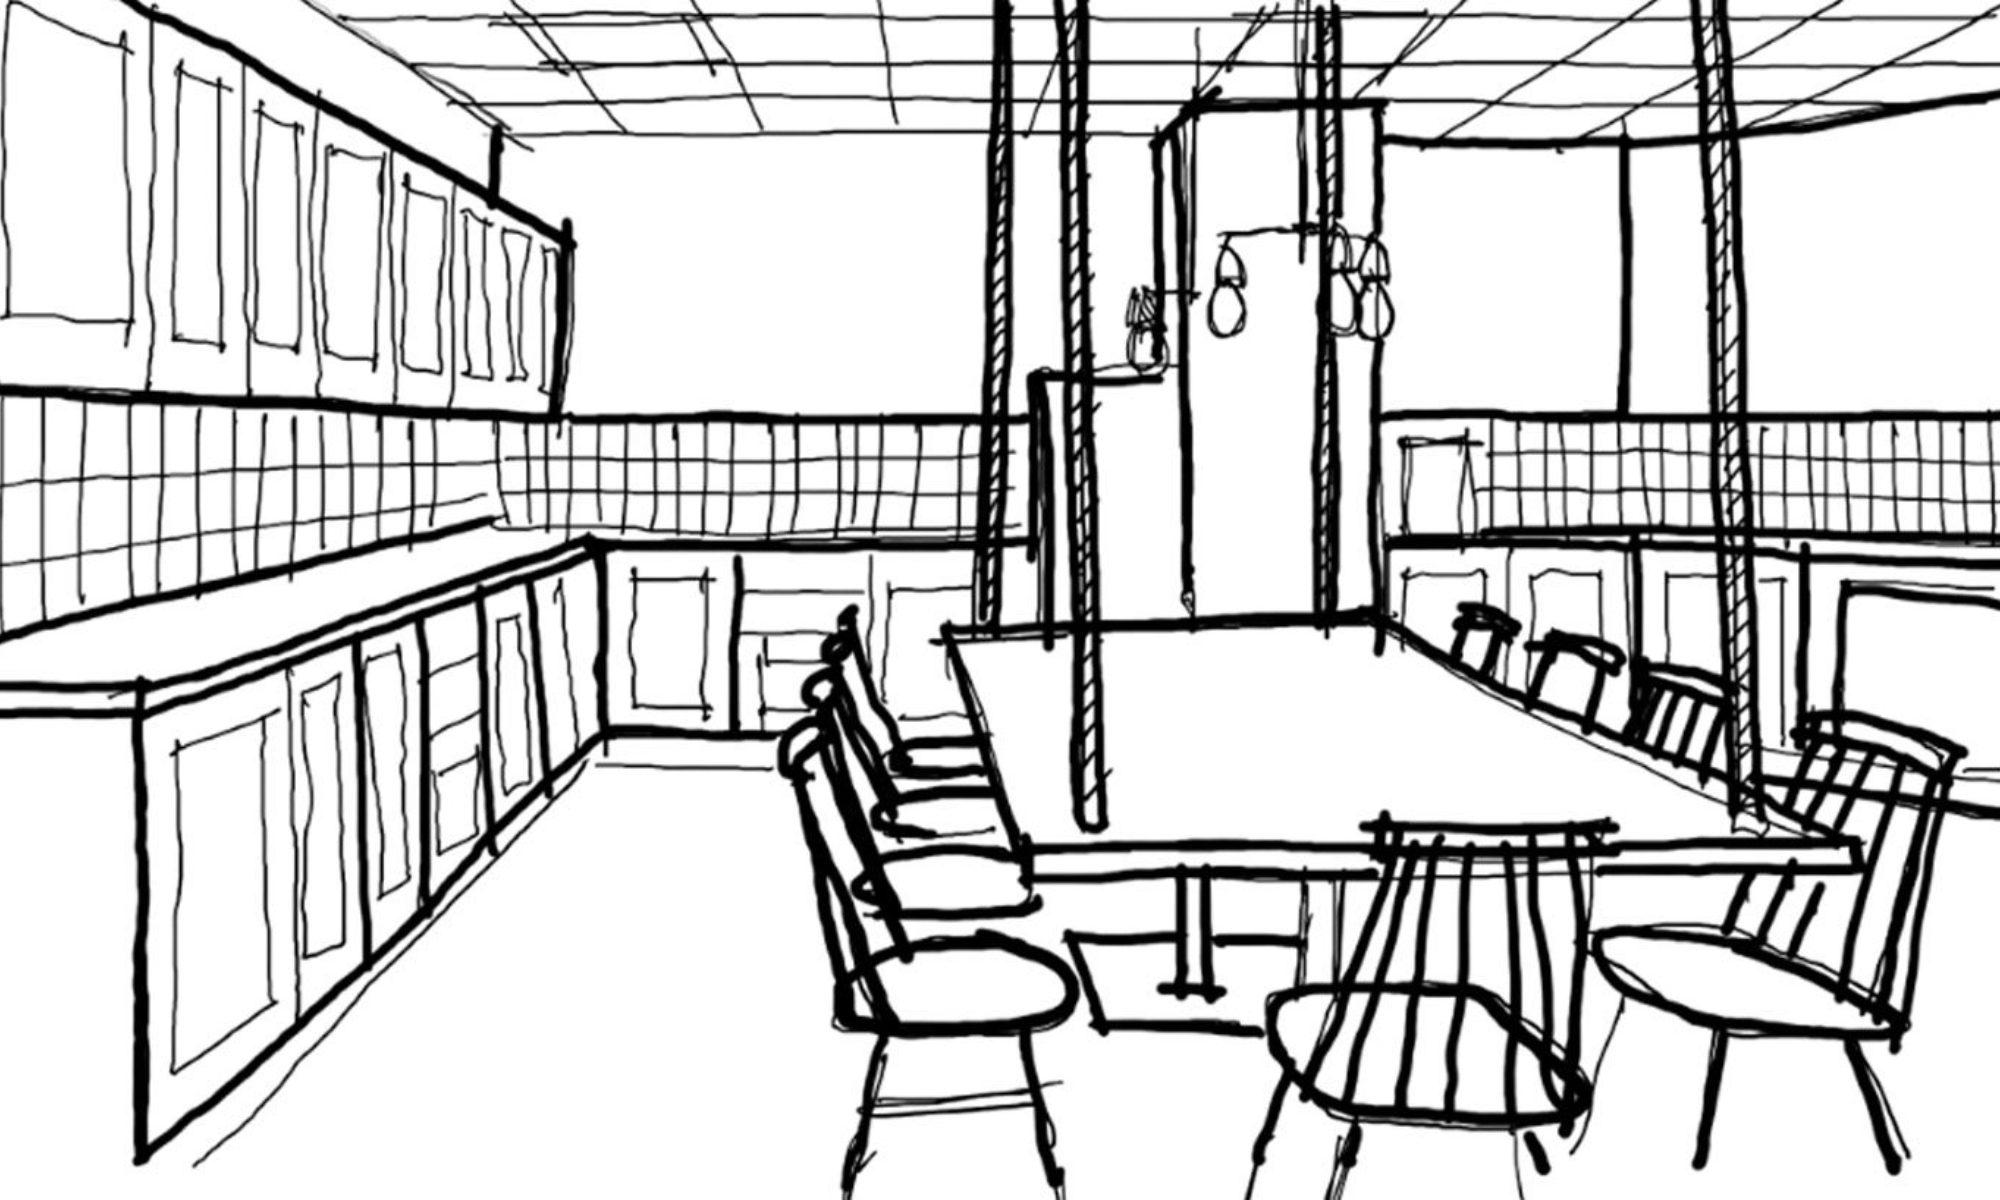 Royal Navy office kitchen ideas